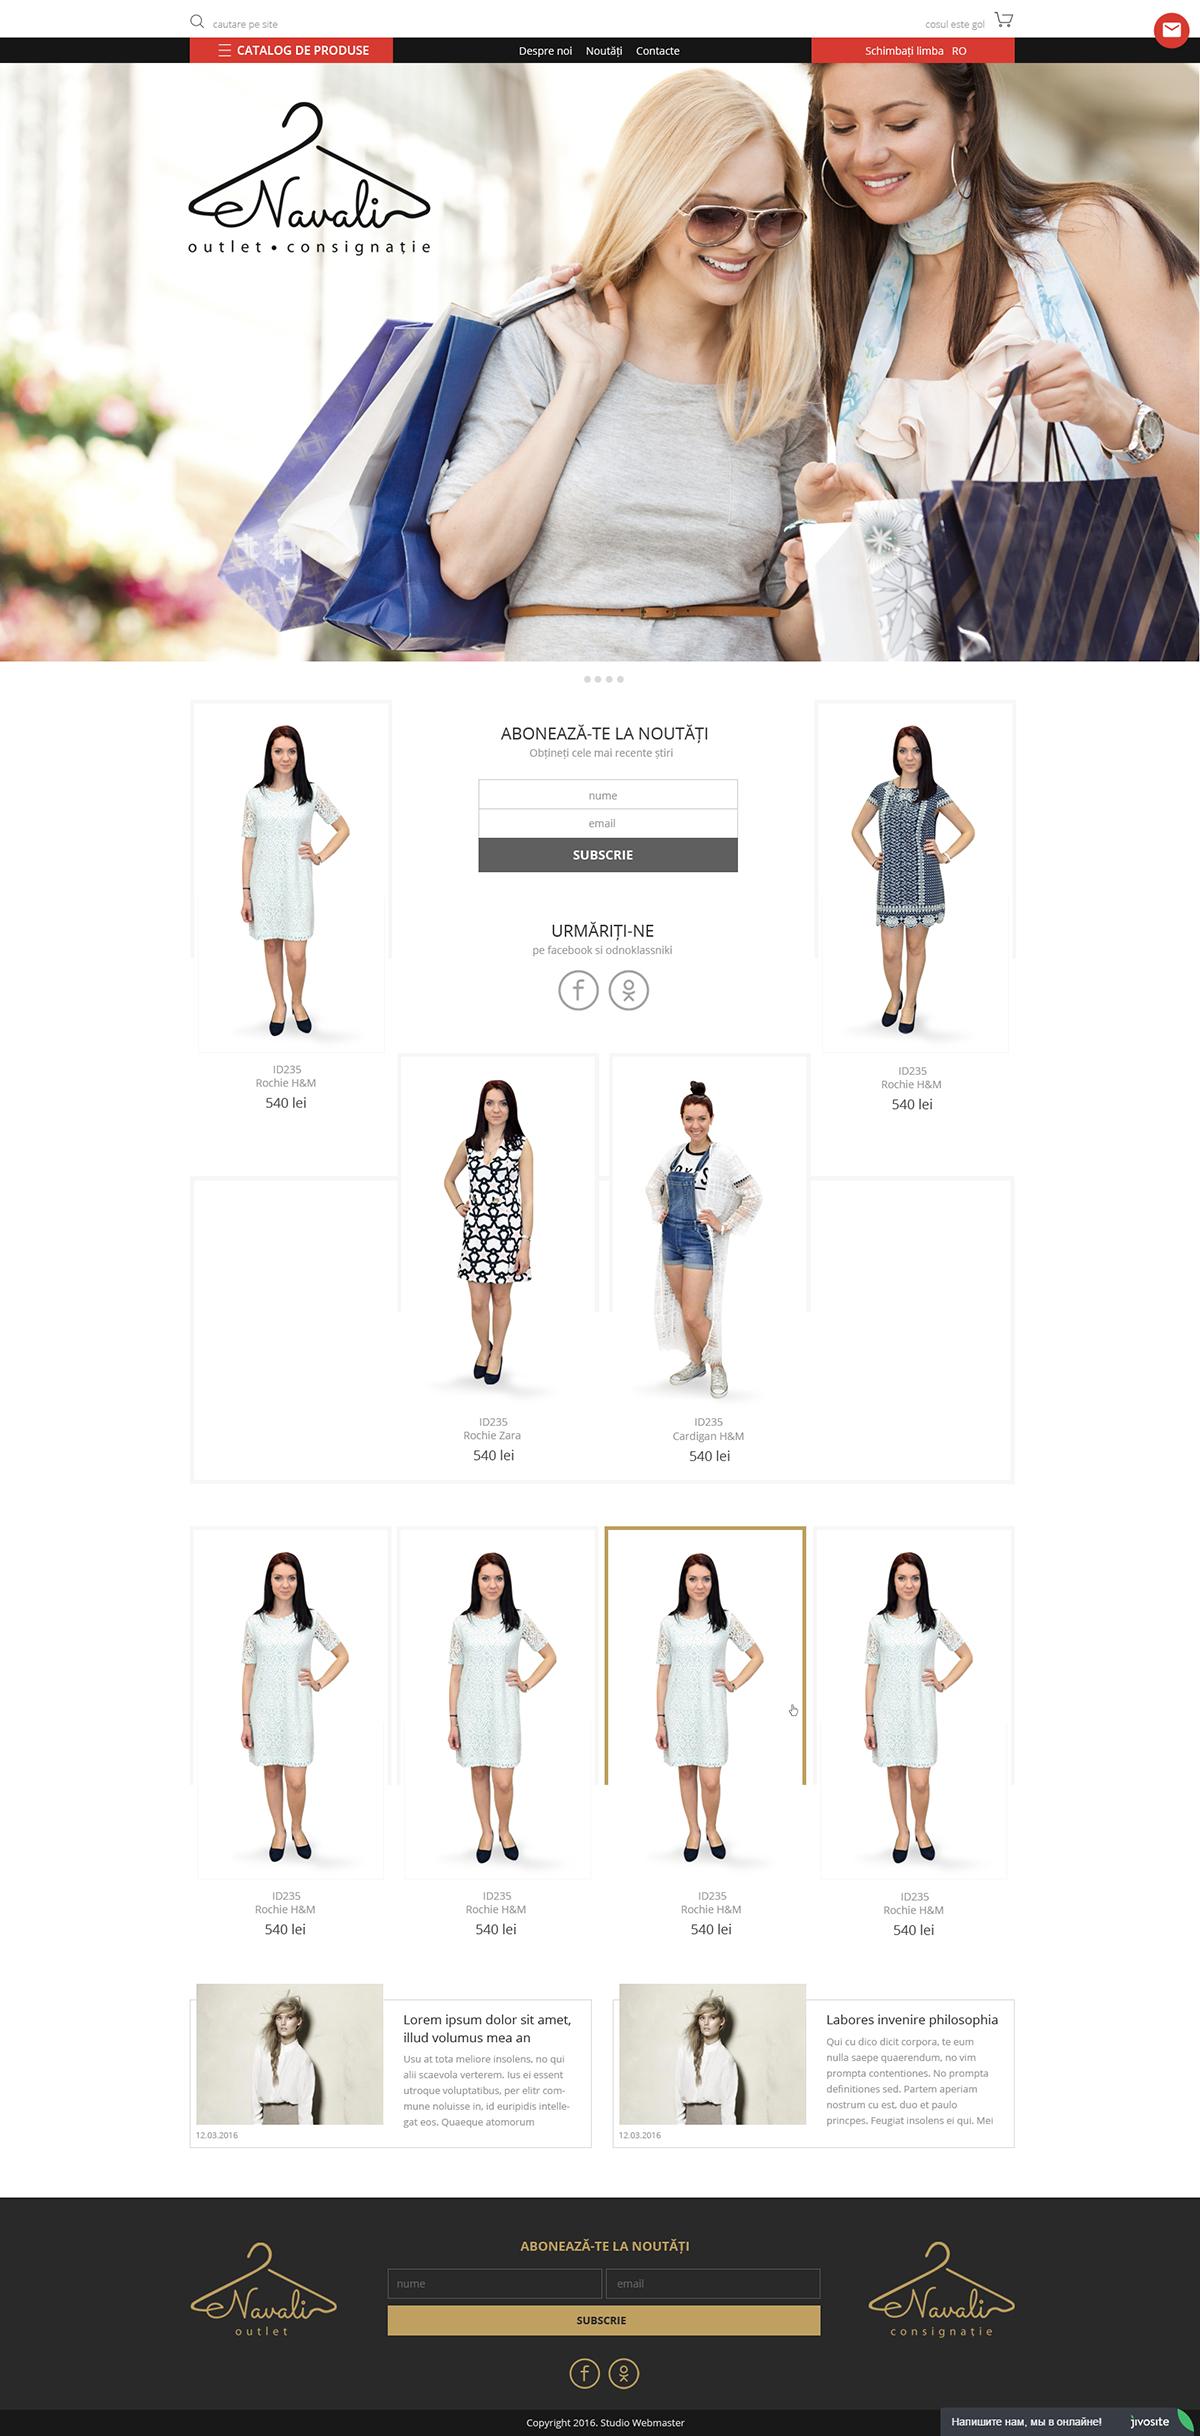 a1371aea5ad0 Главные задачи. Первостепенной задачей являлось создание сайта и разработка  веб дизайна интернет-магазина одежды.